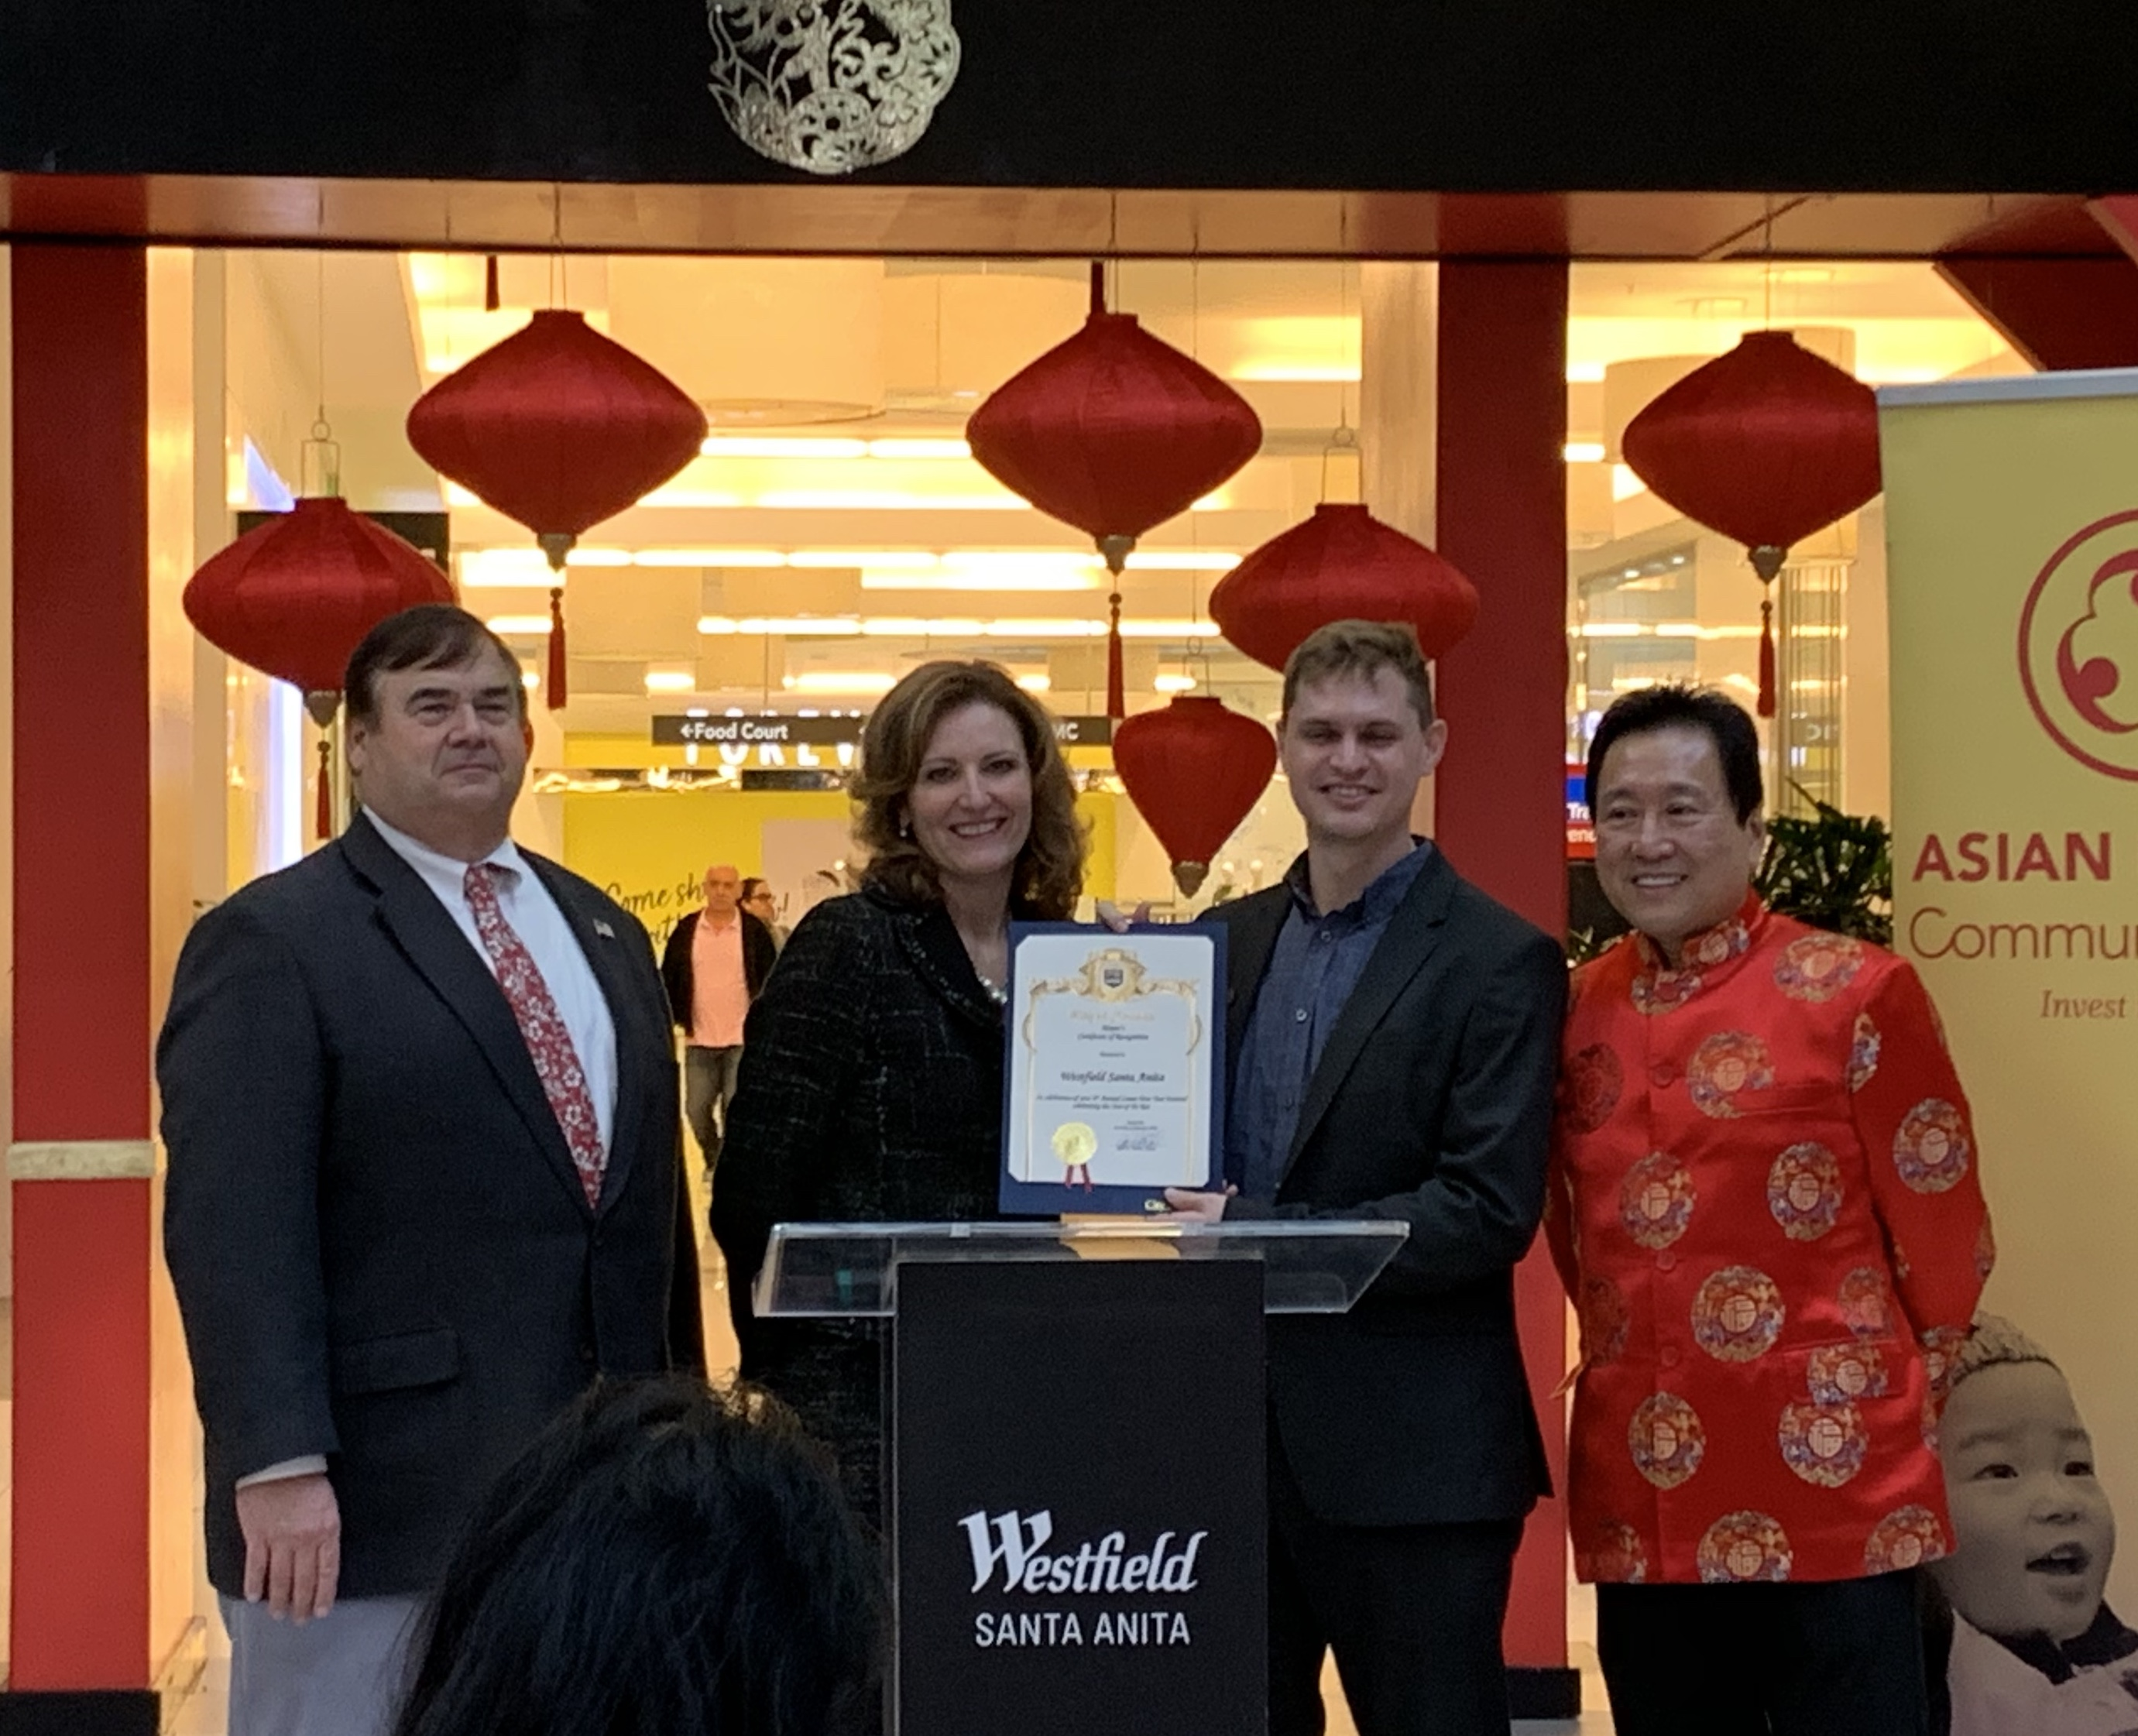 亞市市長April Verlato和市議員Peter Amundson等為鼓勵商場的多元化服務特意在21日為商場送上賀狀。記者華夏美佳攝